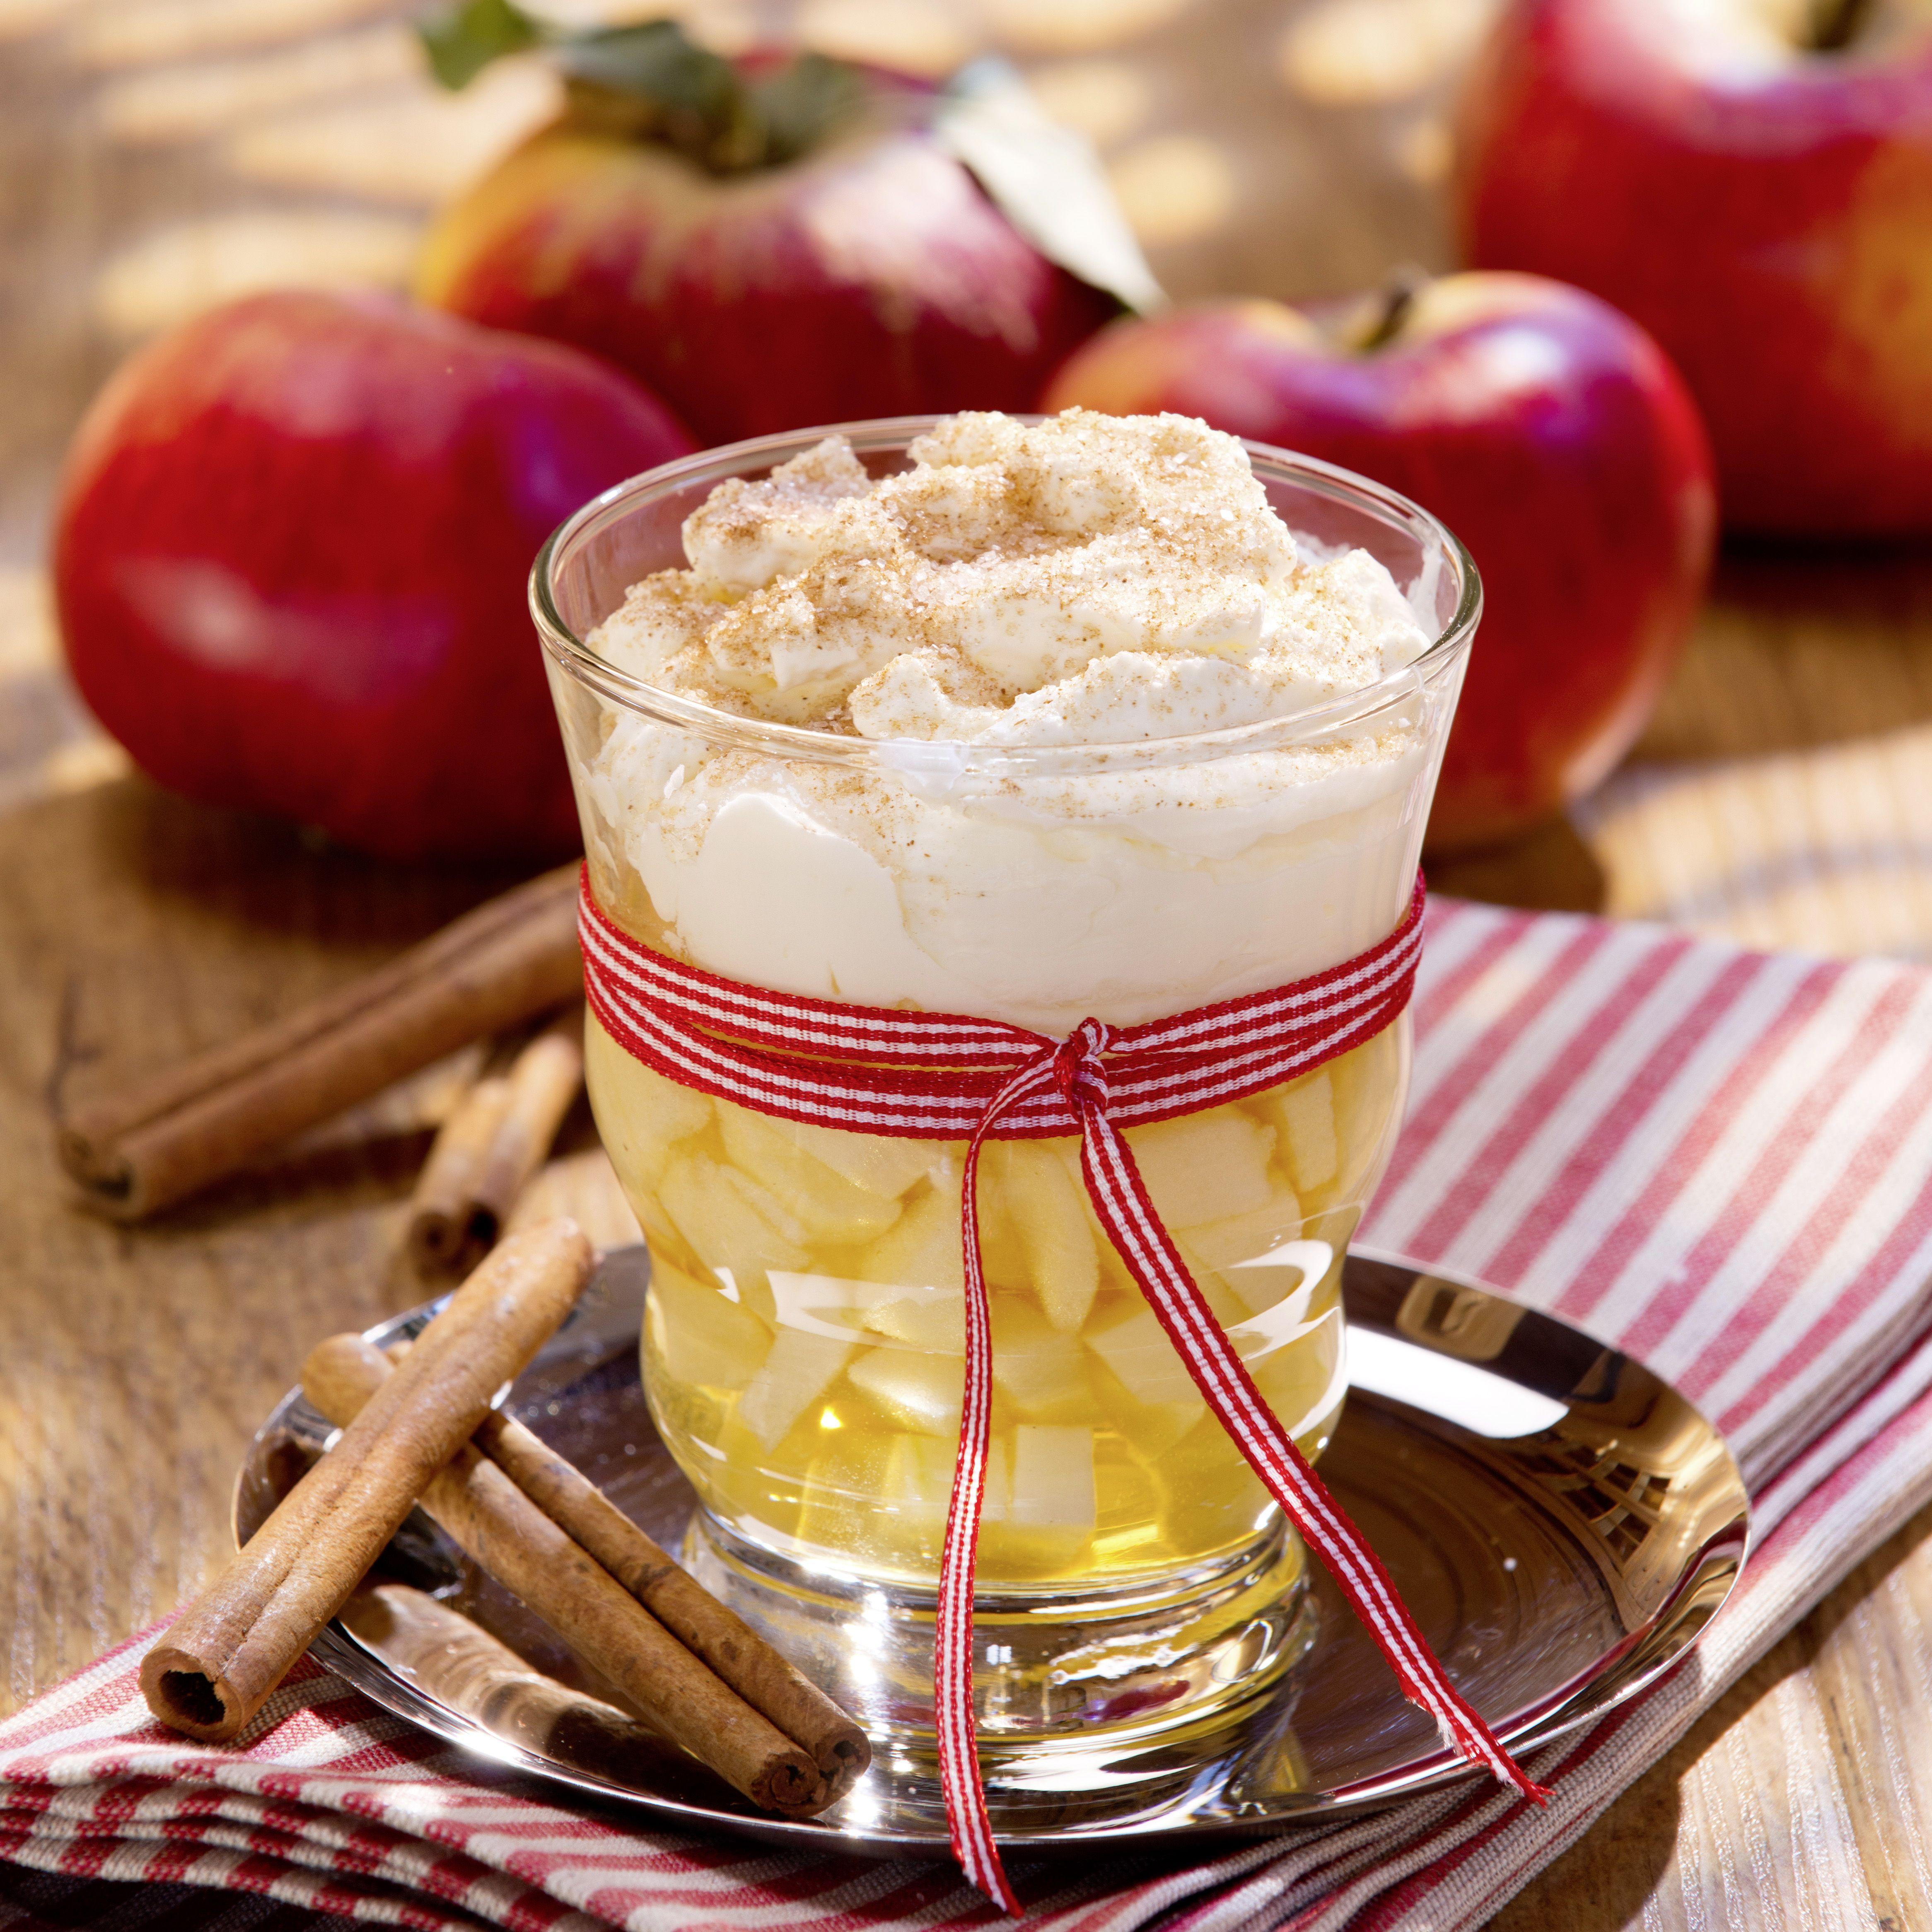 Apfelpunsch De Luxe Rezept Apfelpunsch Punsch Rezept Lebensmittel Essen